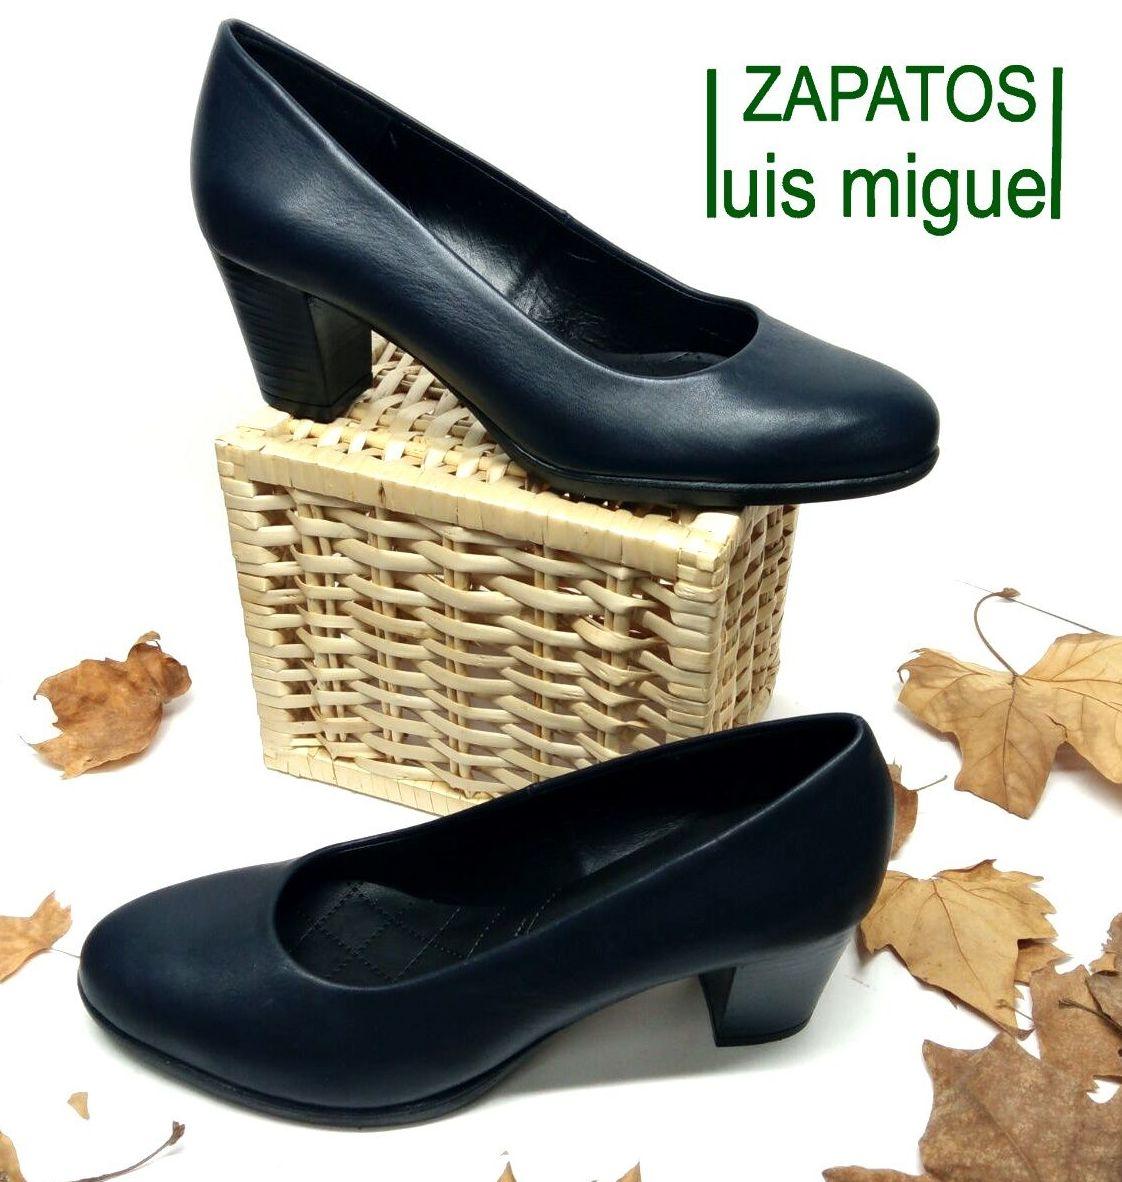 salon modabella tacon medio: Catalogo de productos de Zapatos Luis Miguel